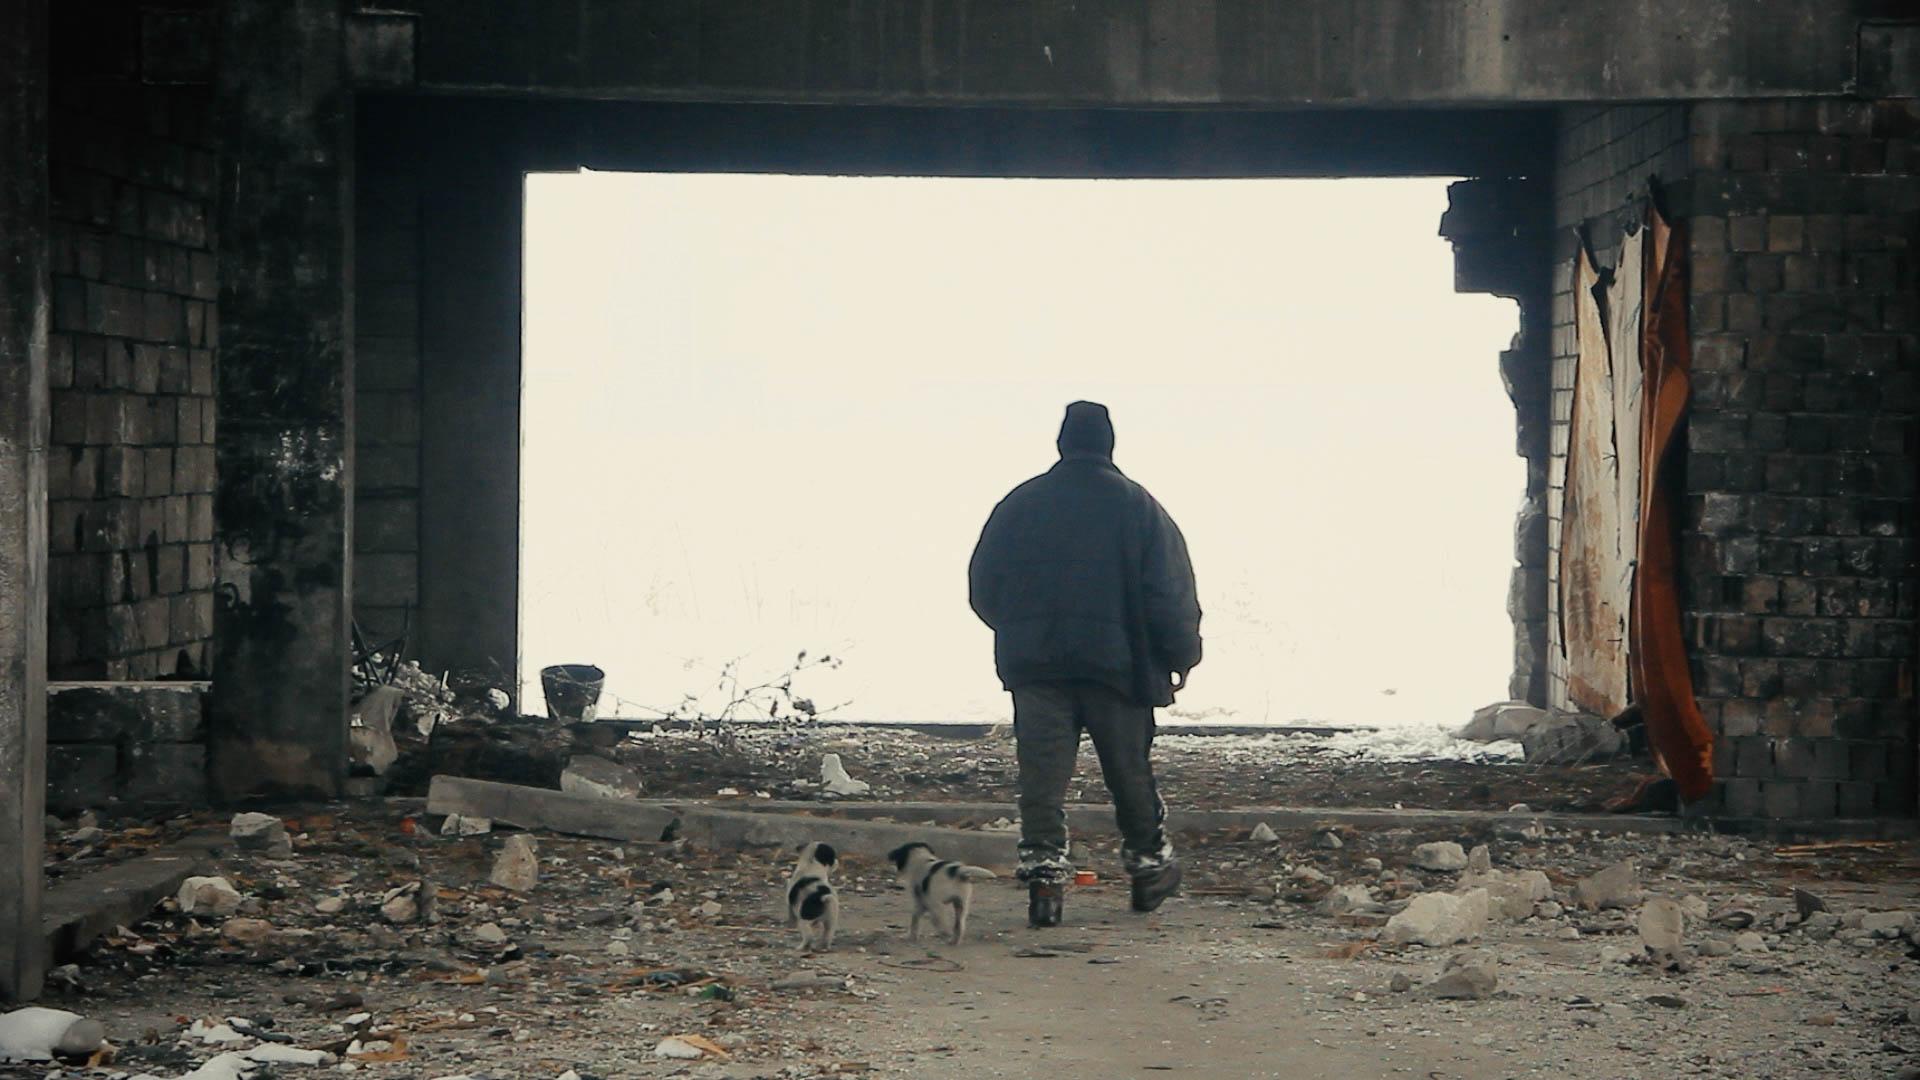 Lex Homeless